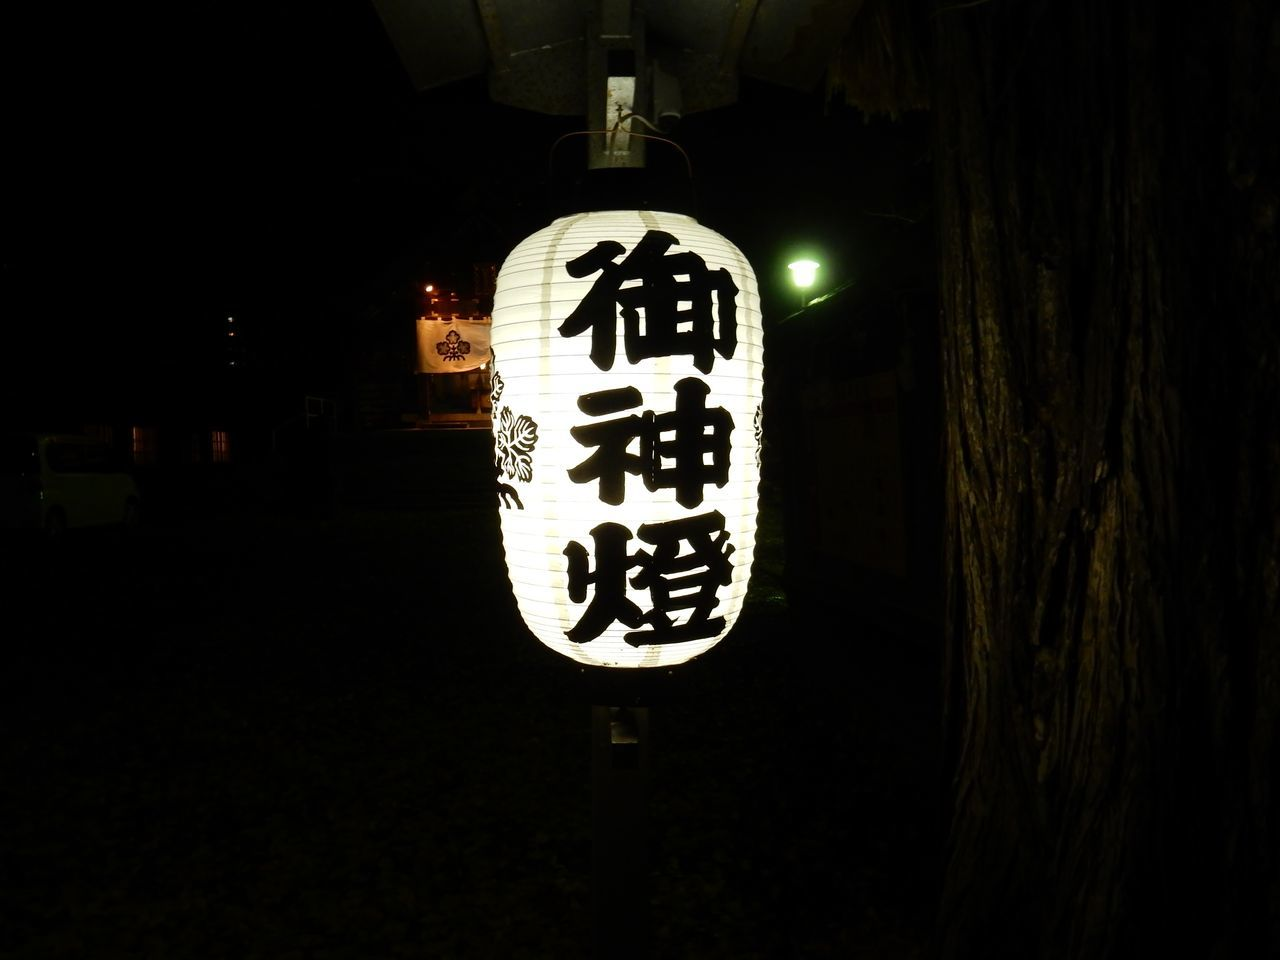 同窓会的夕食会_c0025115_23351171.jpg